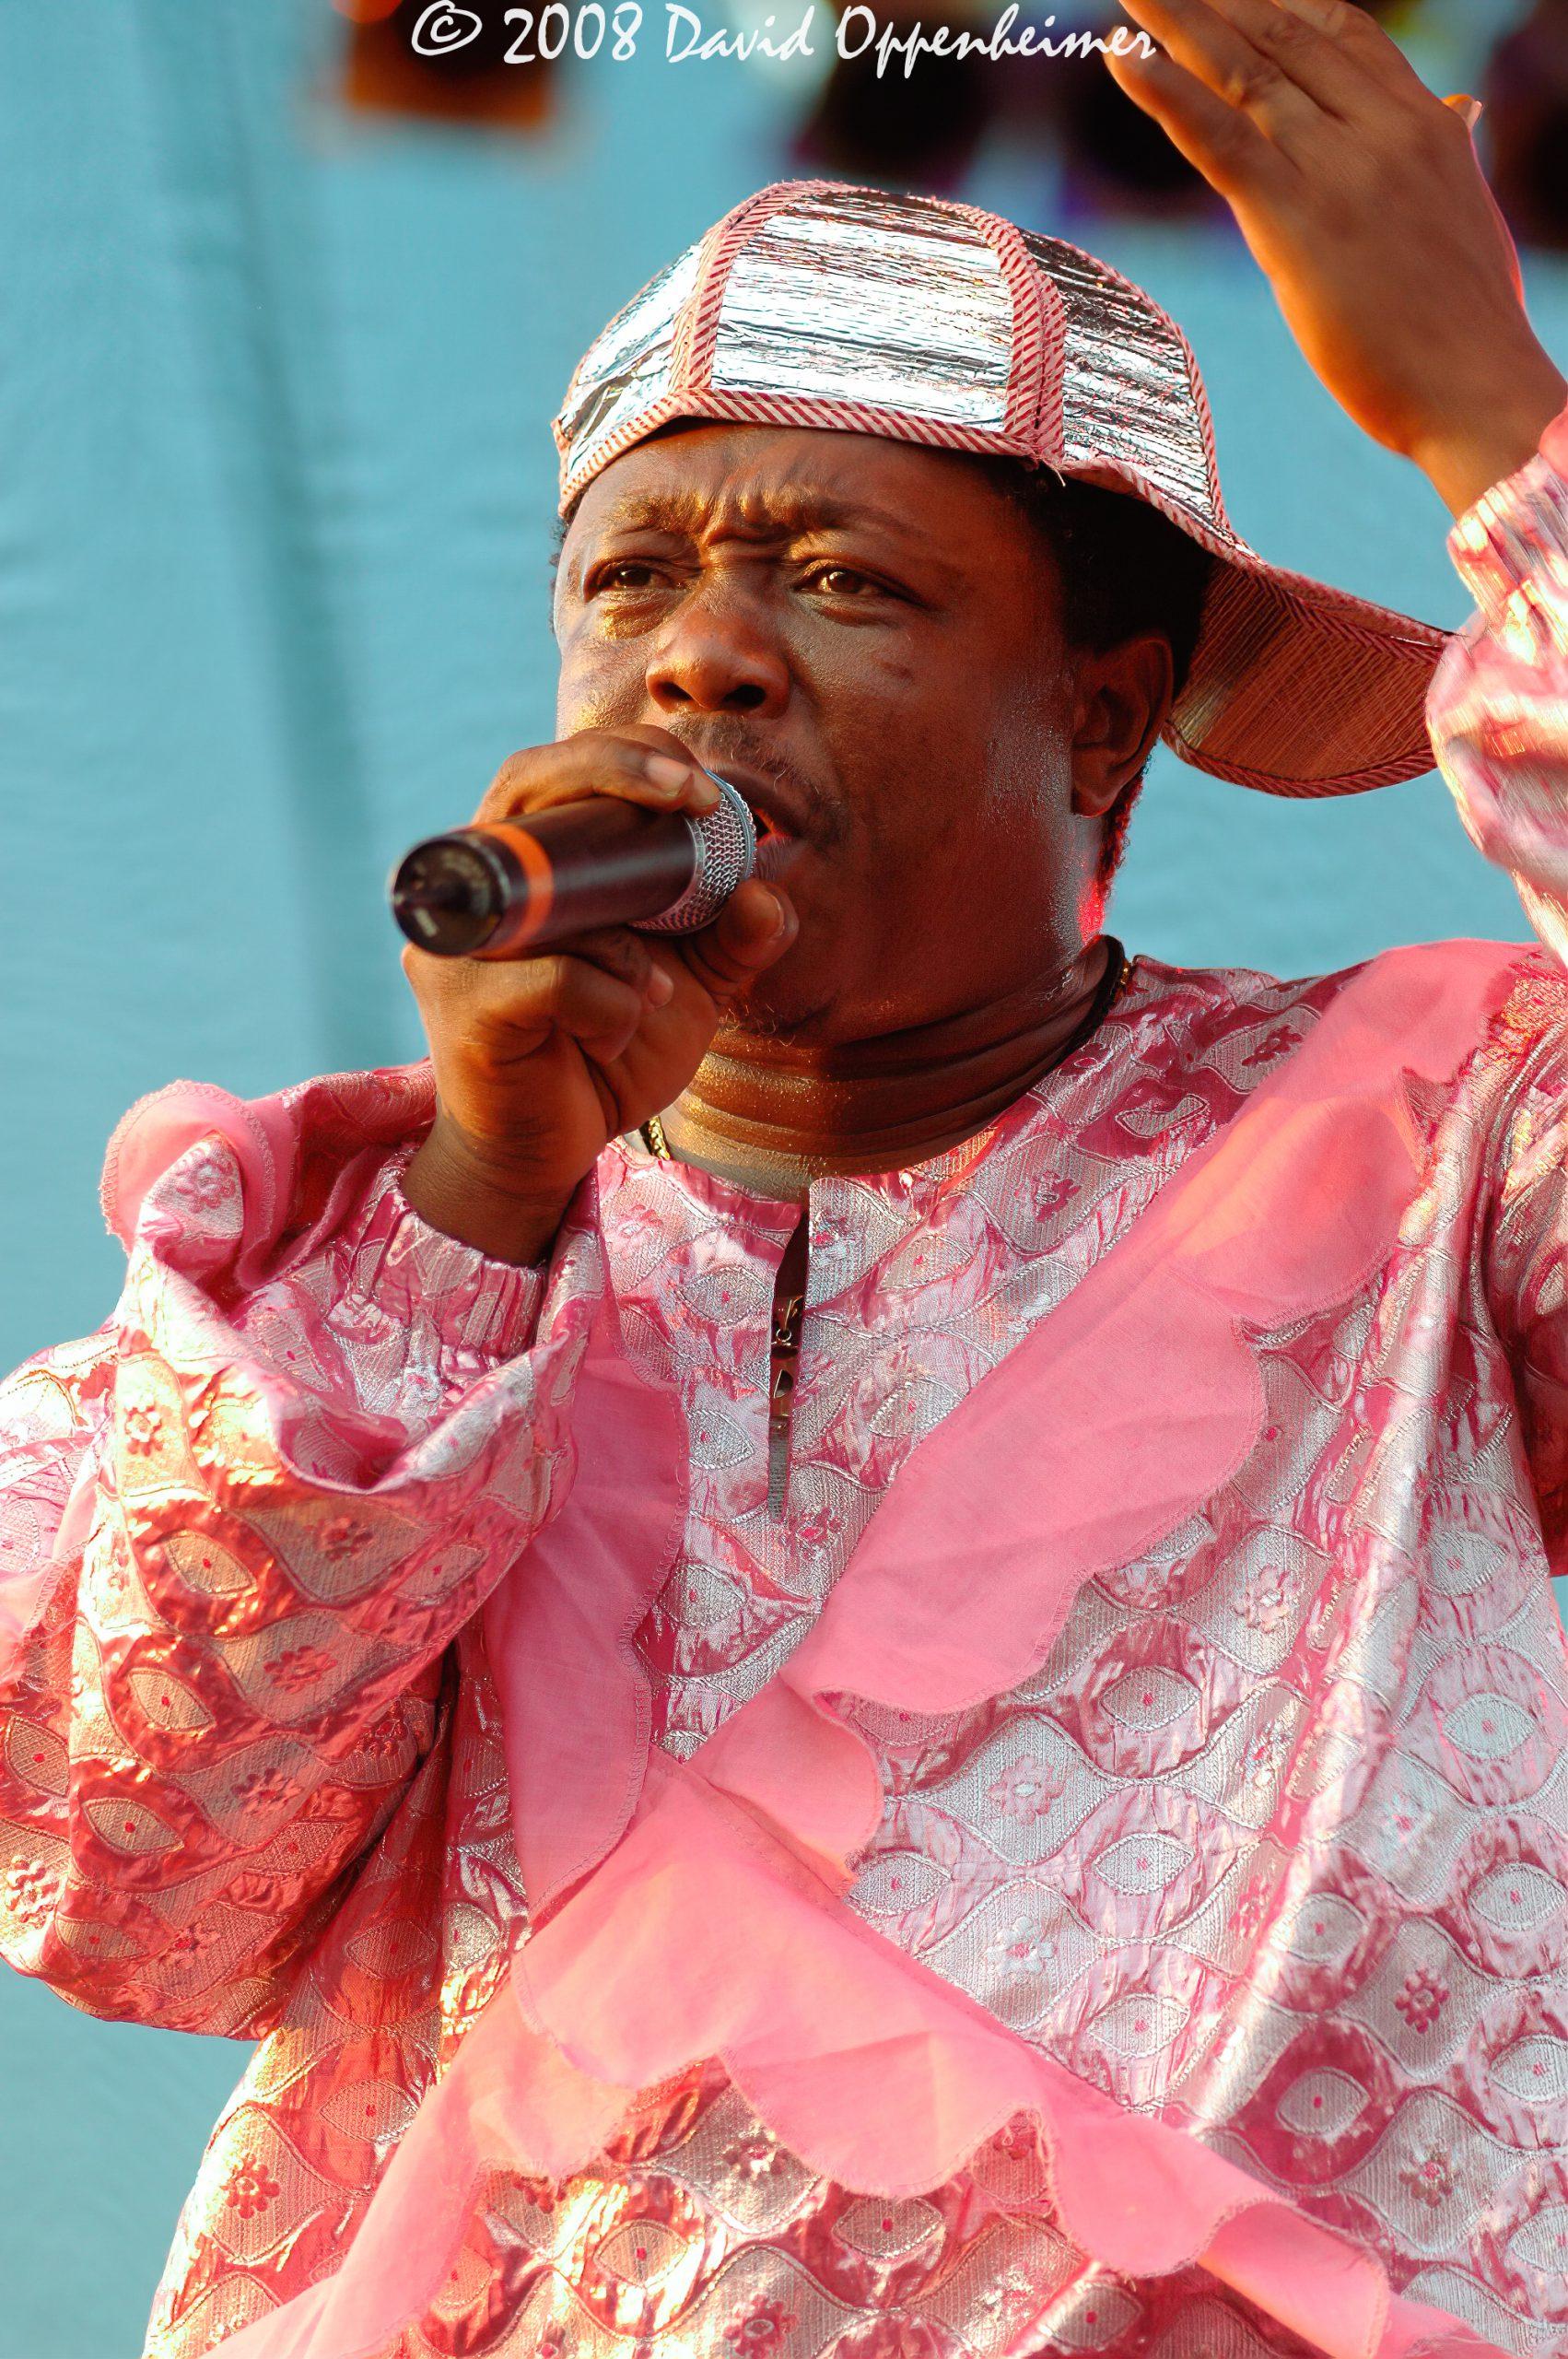 Sierra Leone Refugee All Stars at Langerado Music Festival 2008